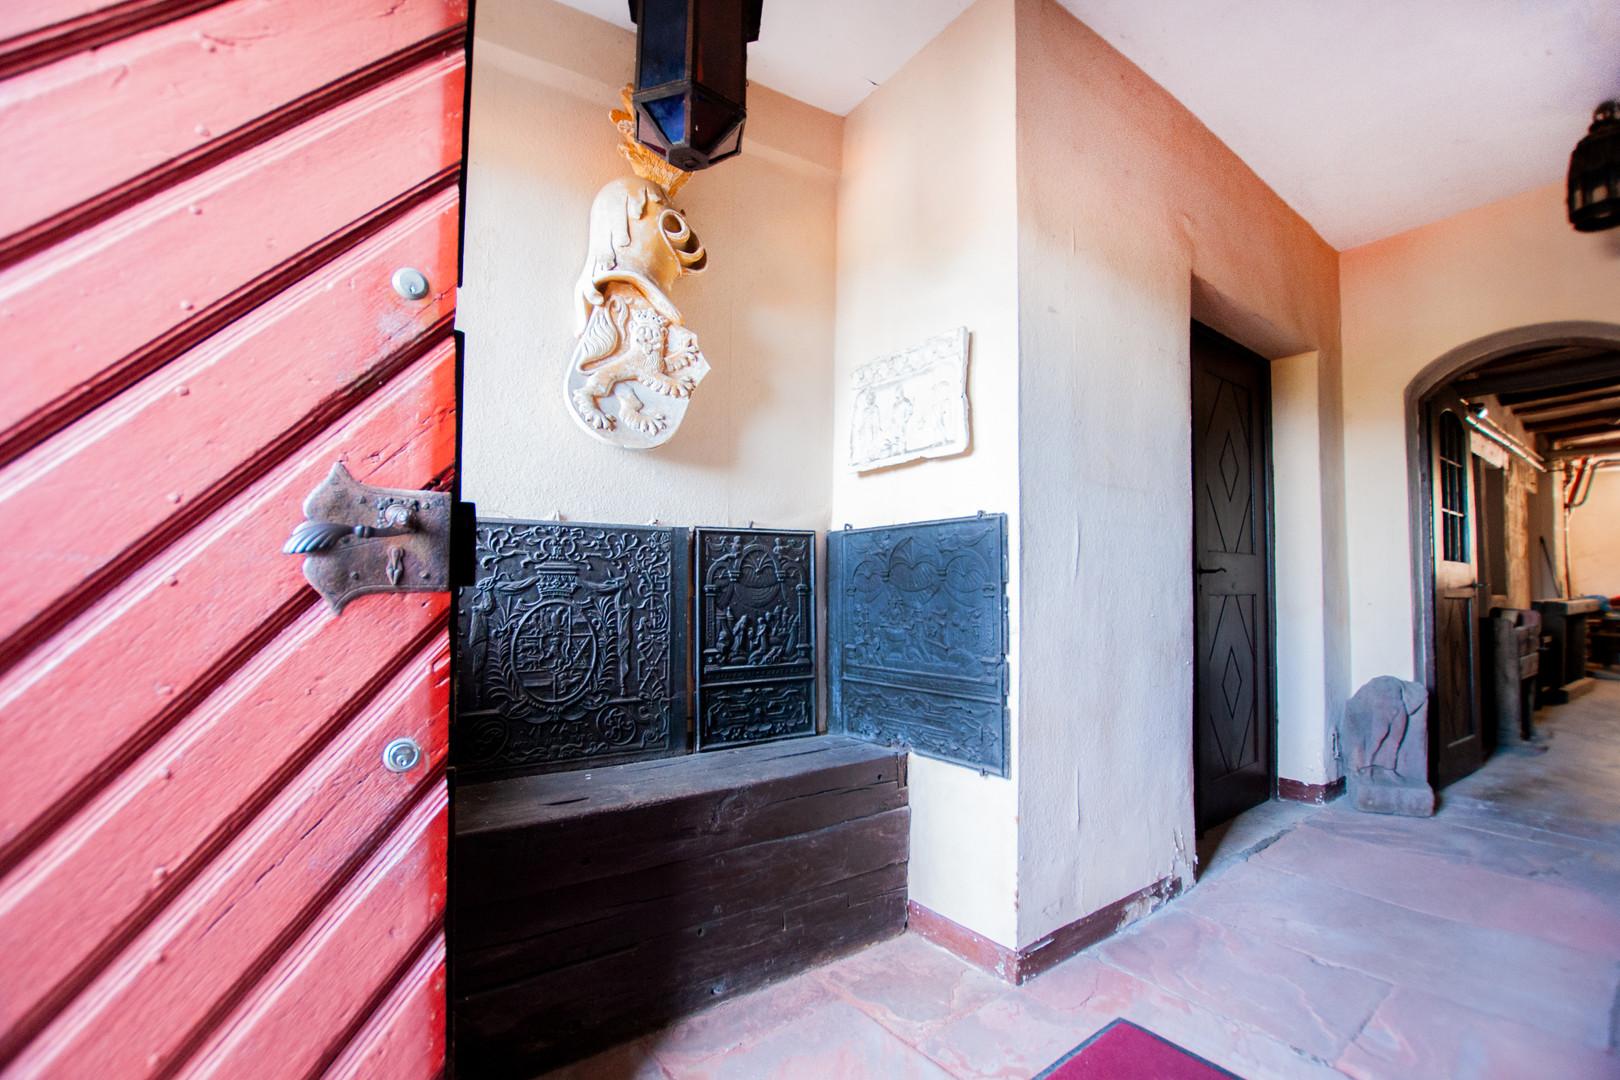 Mittelalterliche Atmosphäre im Eingangsbereich